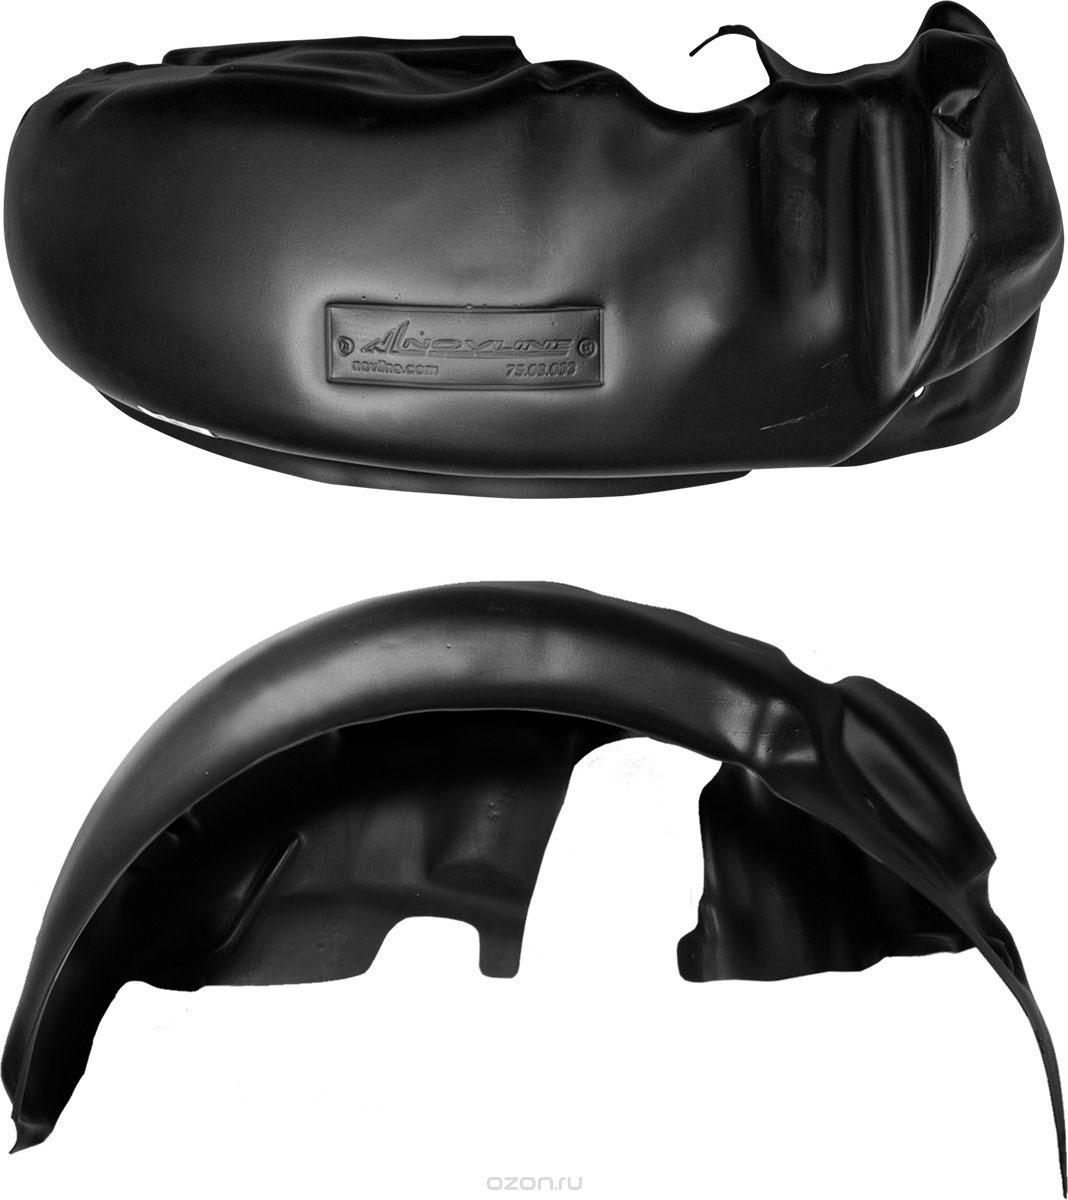 Подкрылок Novline-Autofamily, для НИВА 4*4 2009->, передний левыйNLL.52.20.001Идеальная защита колесной ниши. Локеры разработаны с применением цифровых технологий, гарантируют максимальную повторяемость поверхности арки. Изделия устанавливаются без нарушения лакокрасочного покрытия автомобиля, каждый подкрылок комплектуется крепежом. Уважаемые клиенты, обращаем ваше внимание, что фотографии на подкрылки универсальные и не отражают реальную форму изделия. При этом само изделие идет точно под размер указанного автомобиля.